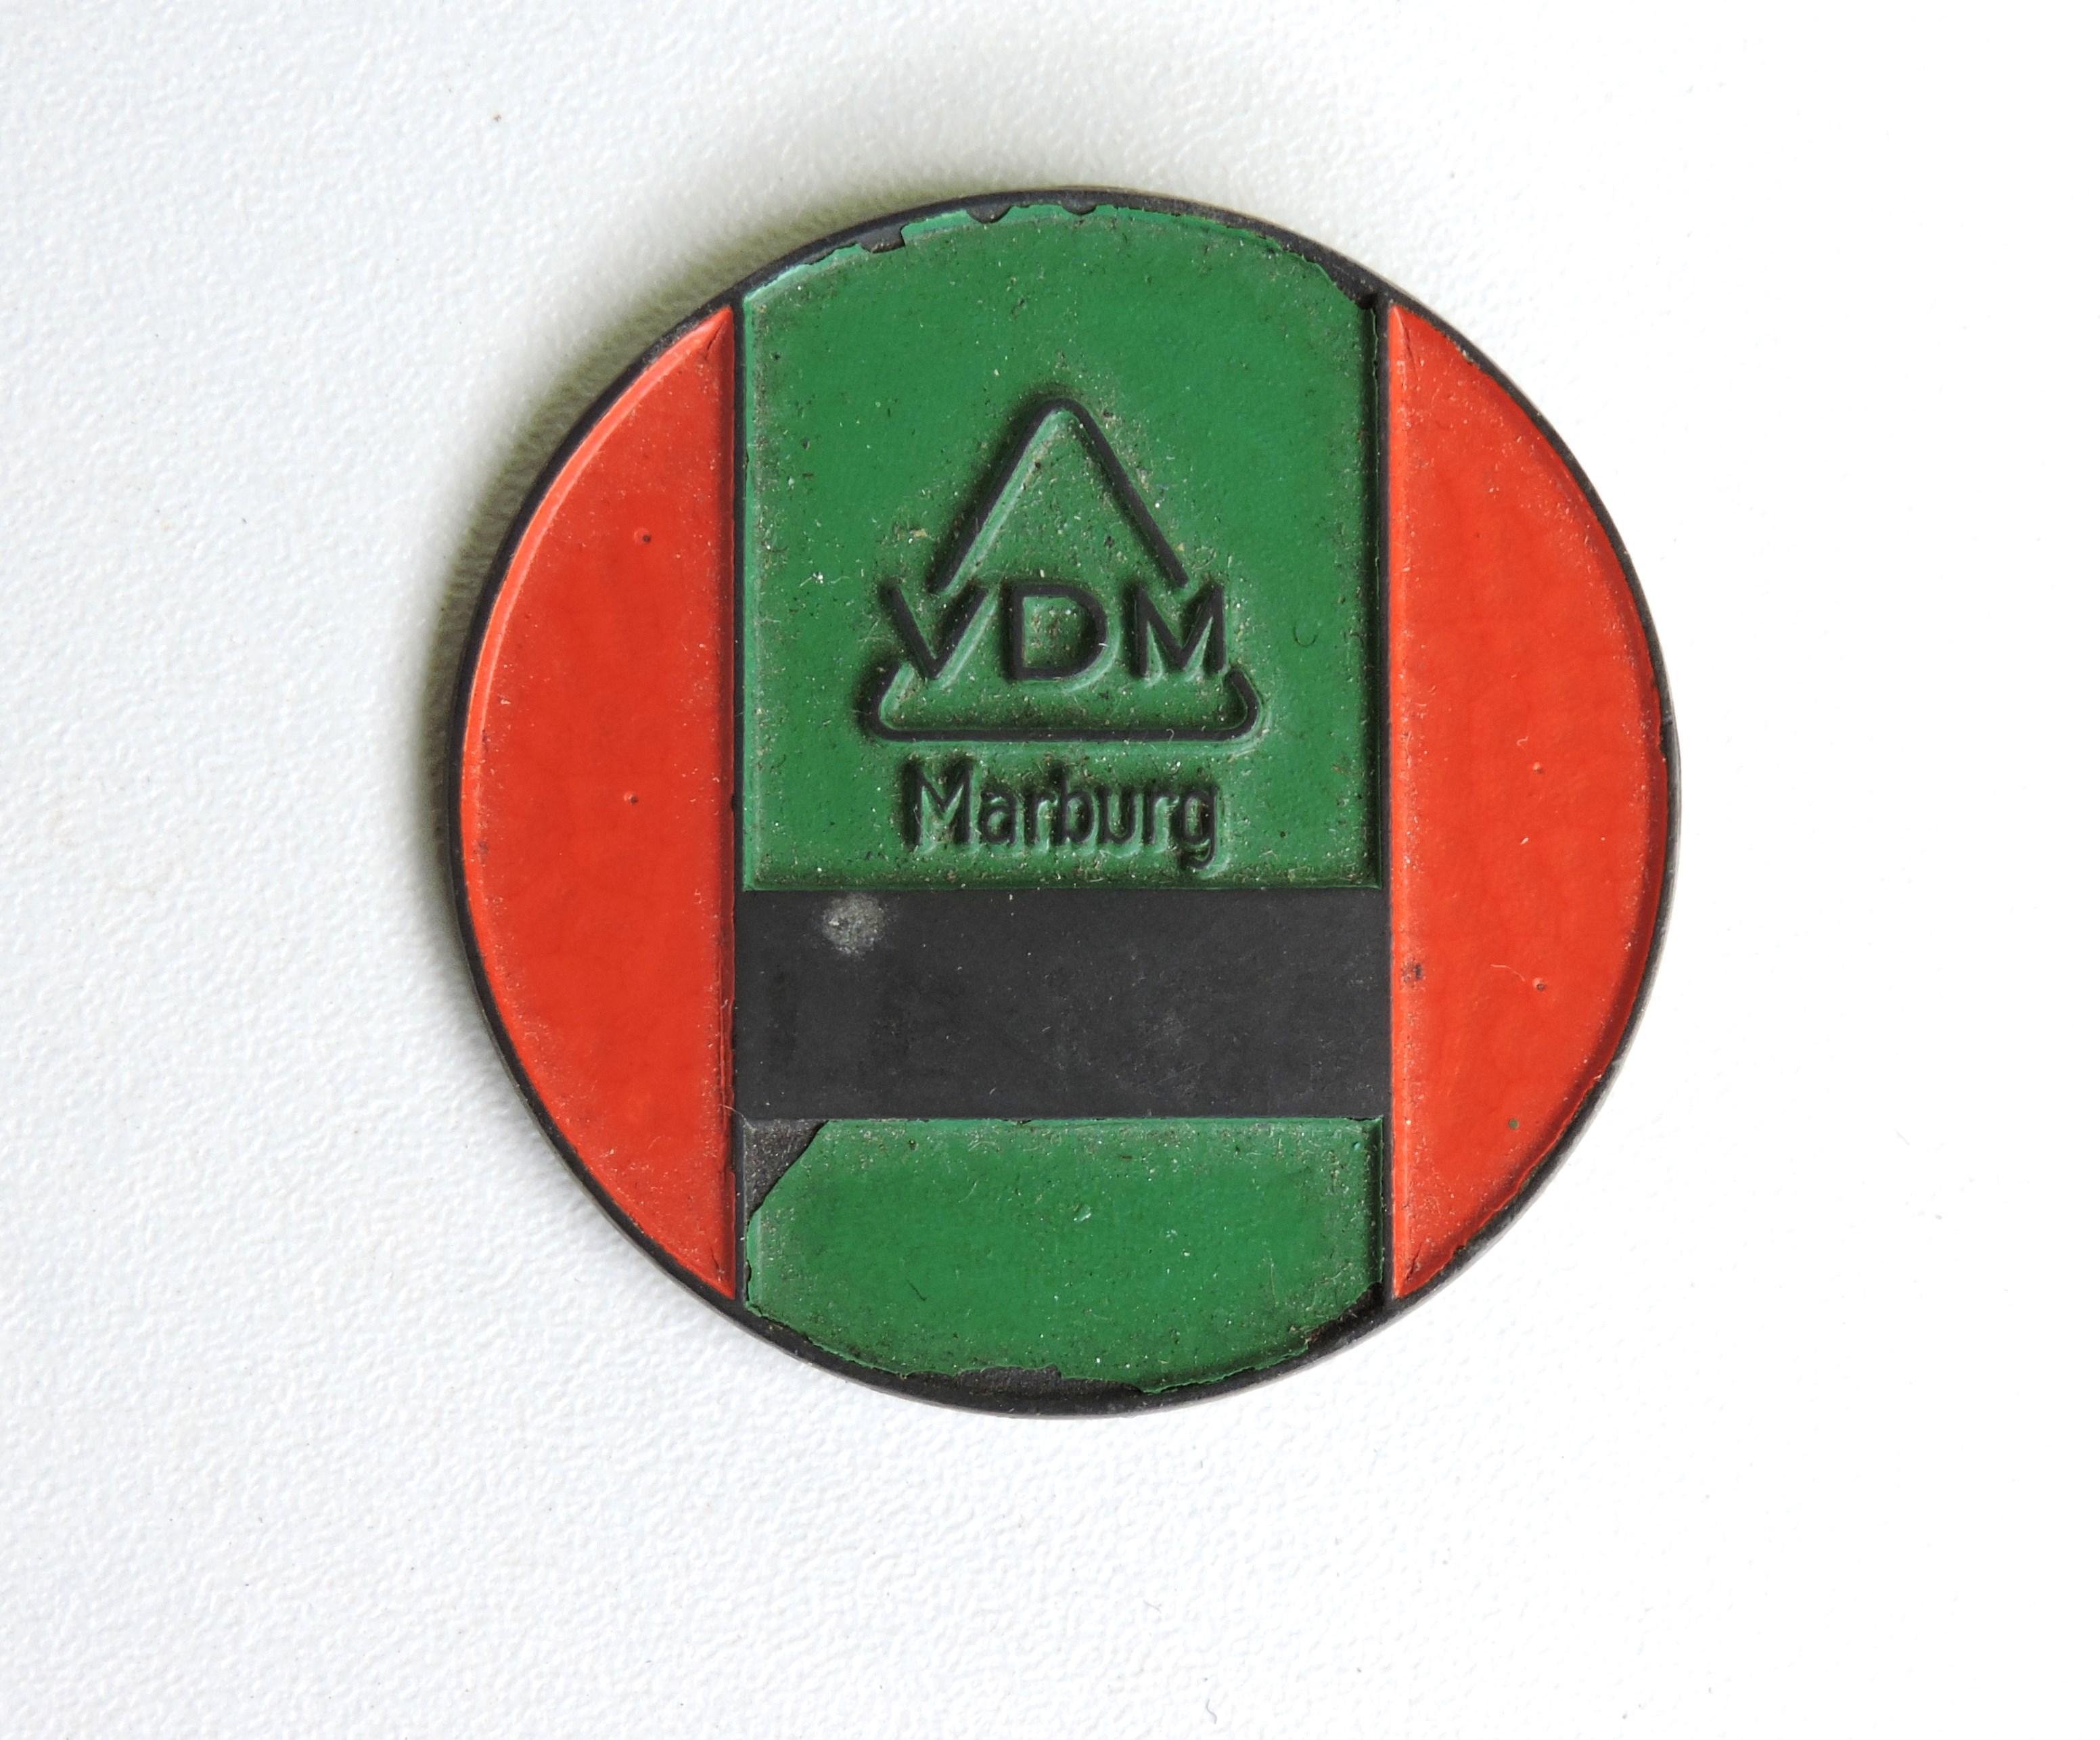 insigne travailleur forc u00e9 usine vdm  u00e0 marburg 1944